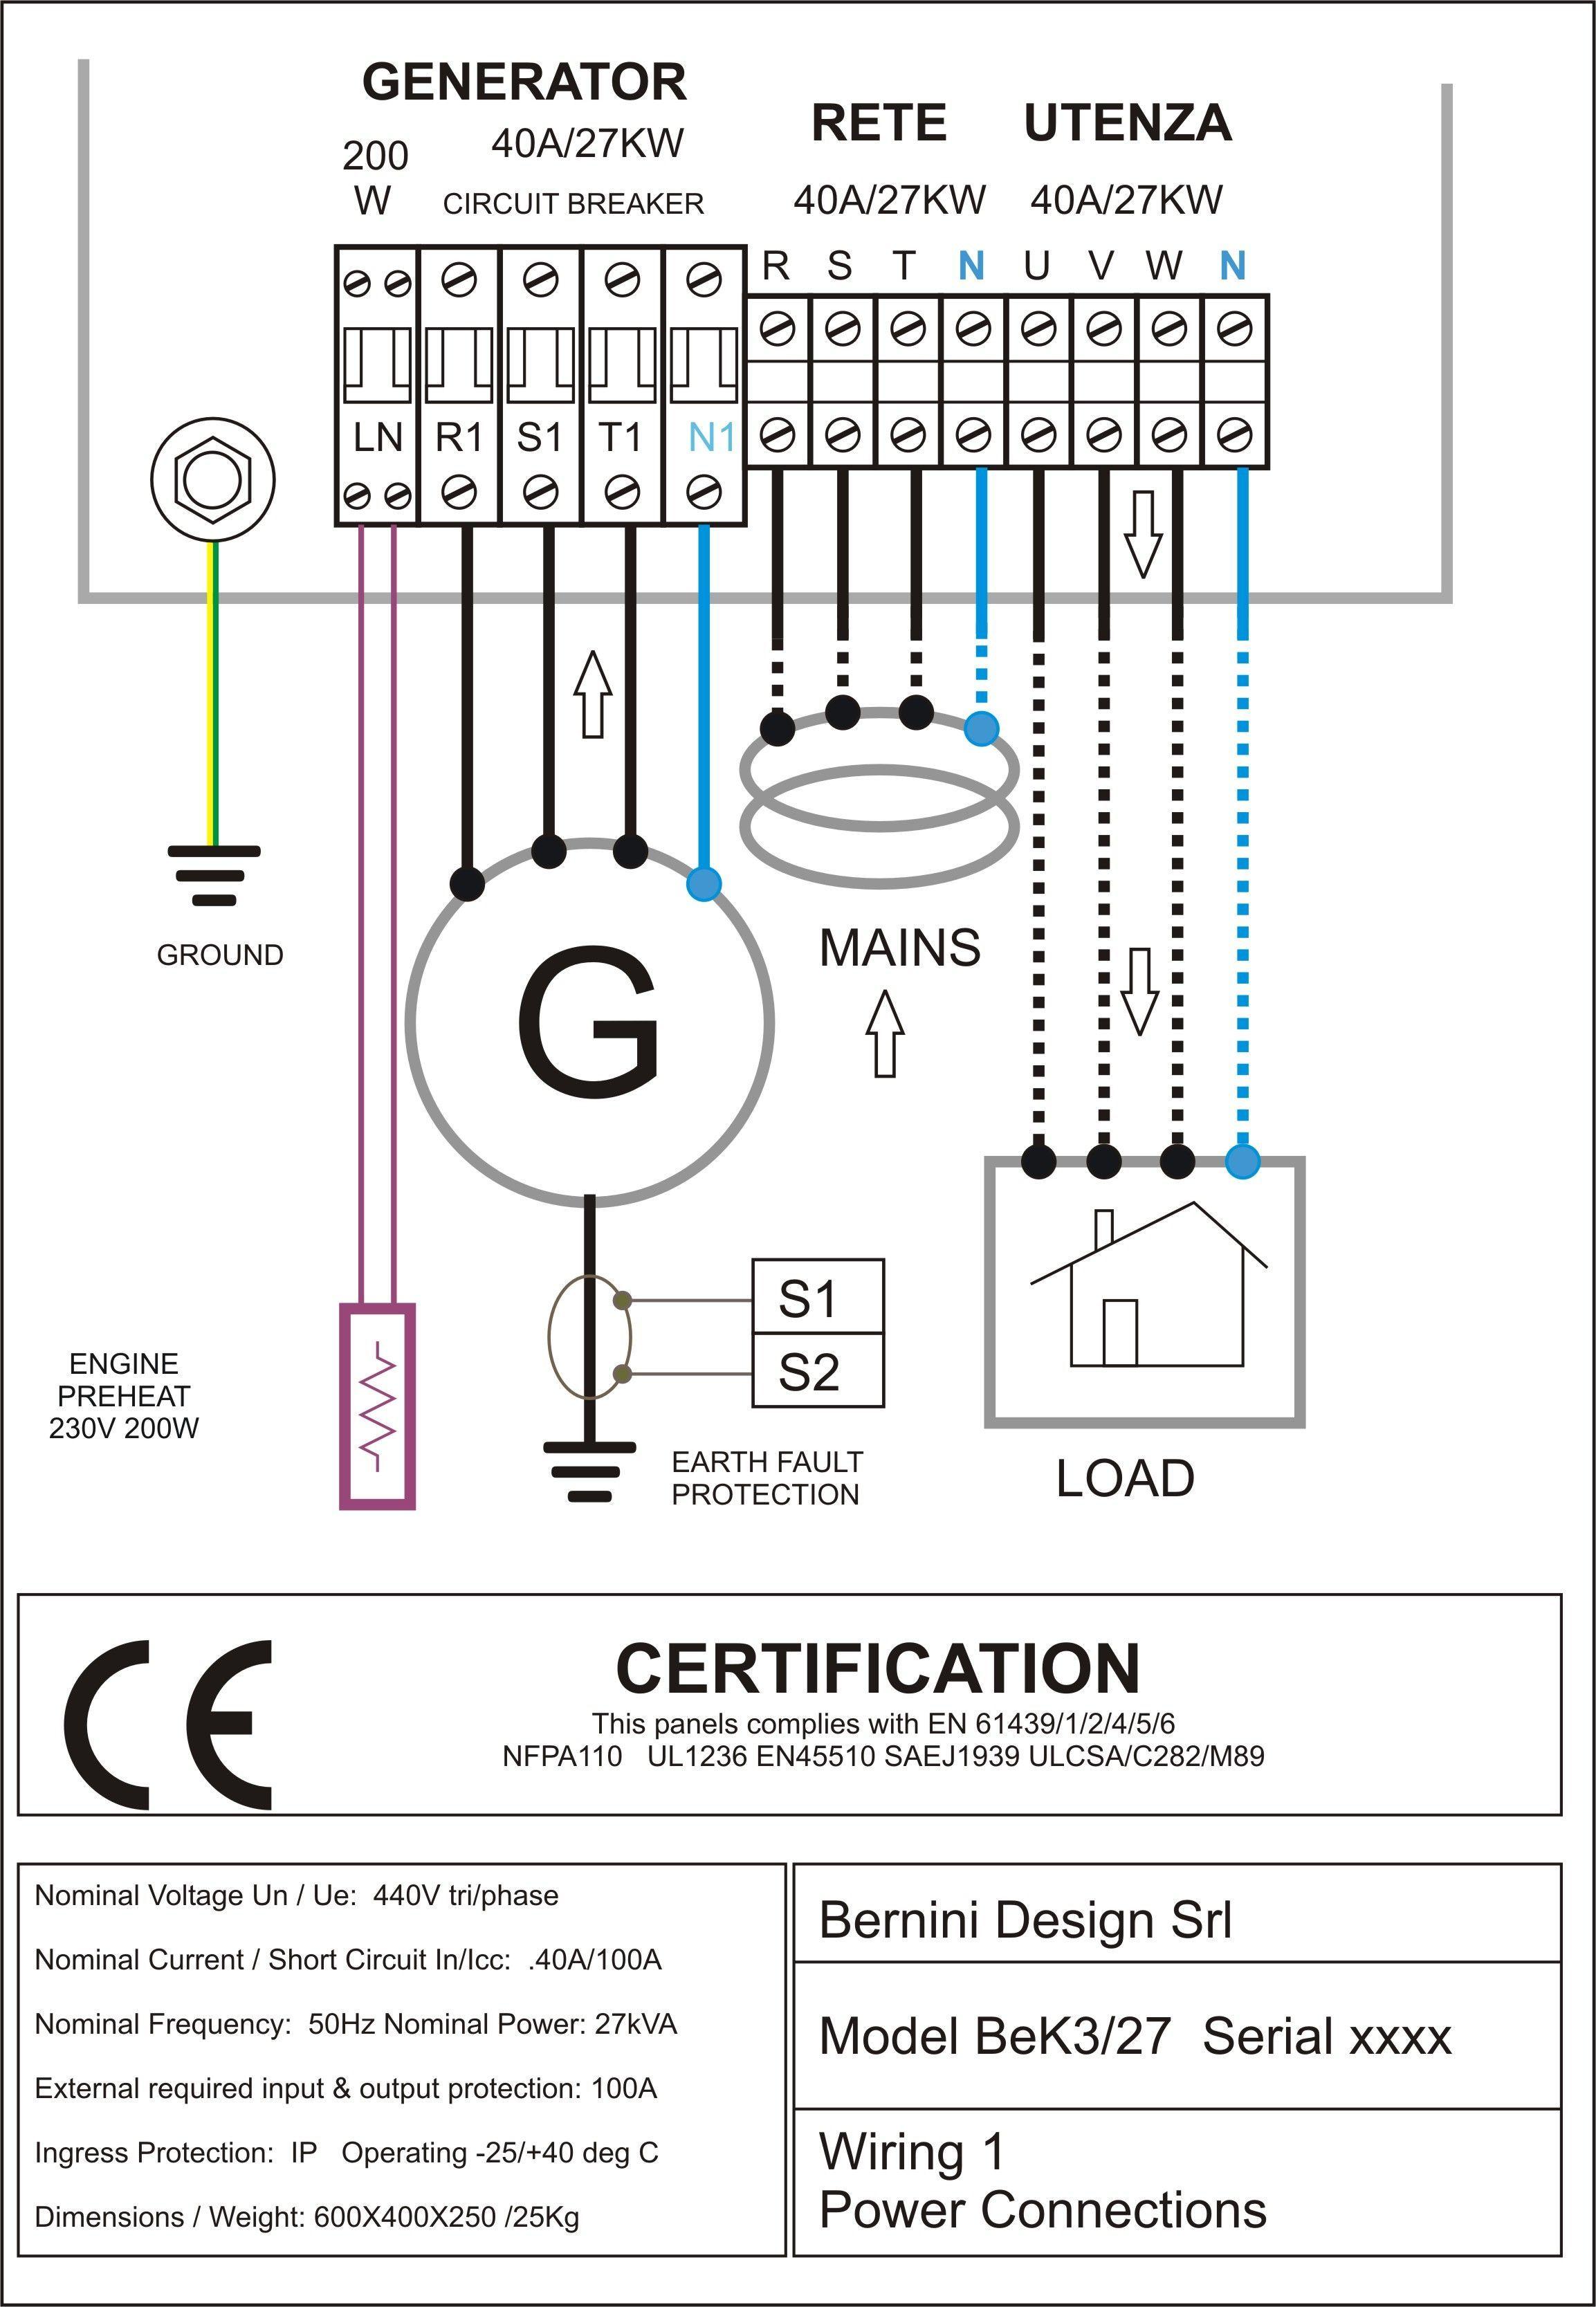 Electrical Wiring Diagram Generator